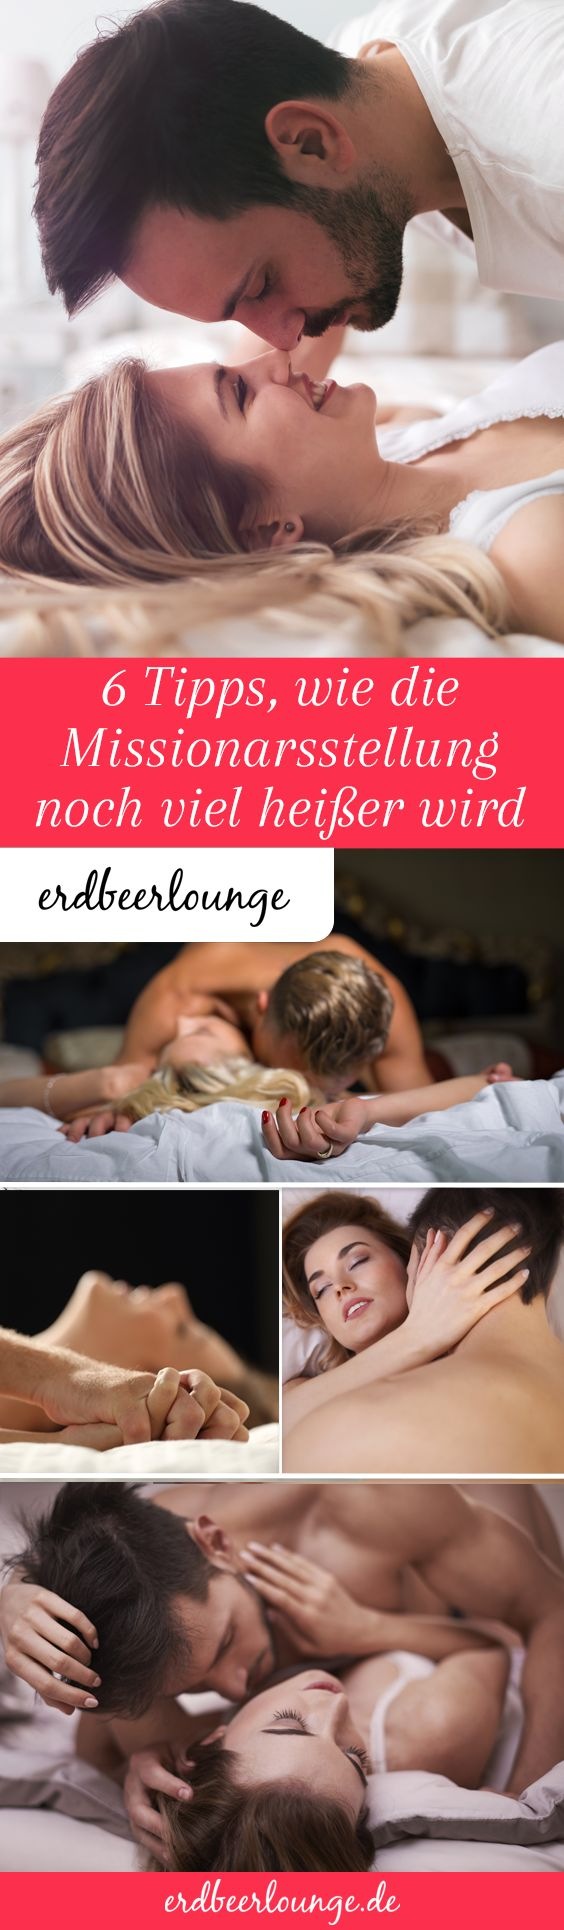 Die Missionarsstellung ist die Sexstellung für Faule? Völlig falsch, wie wir finden!